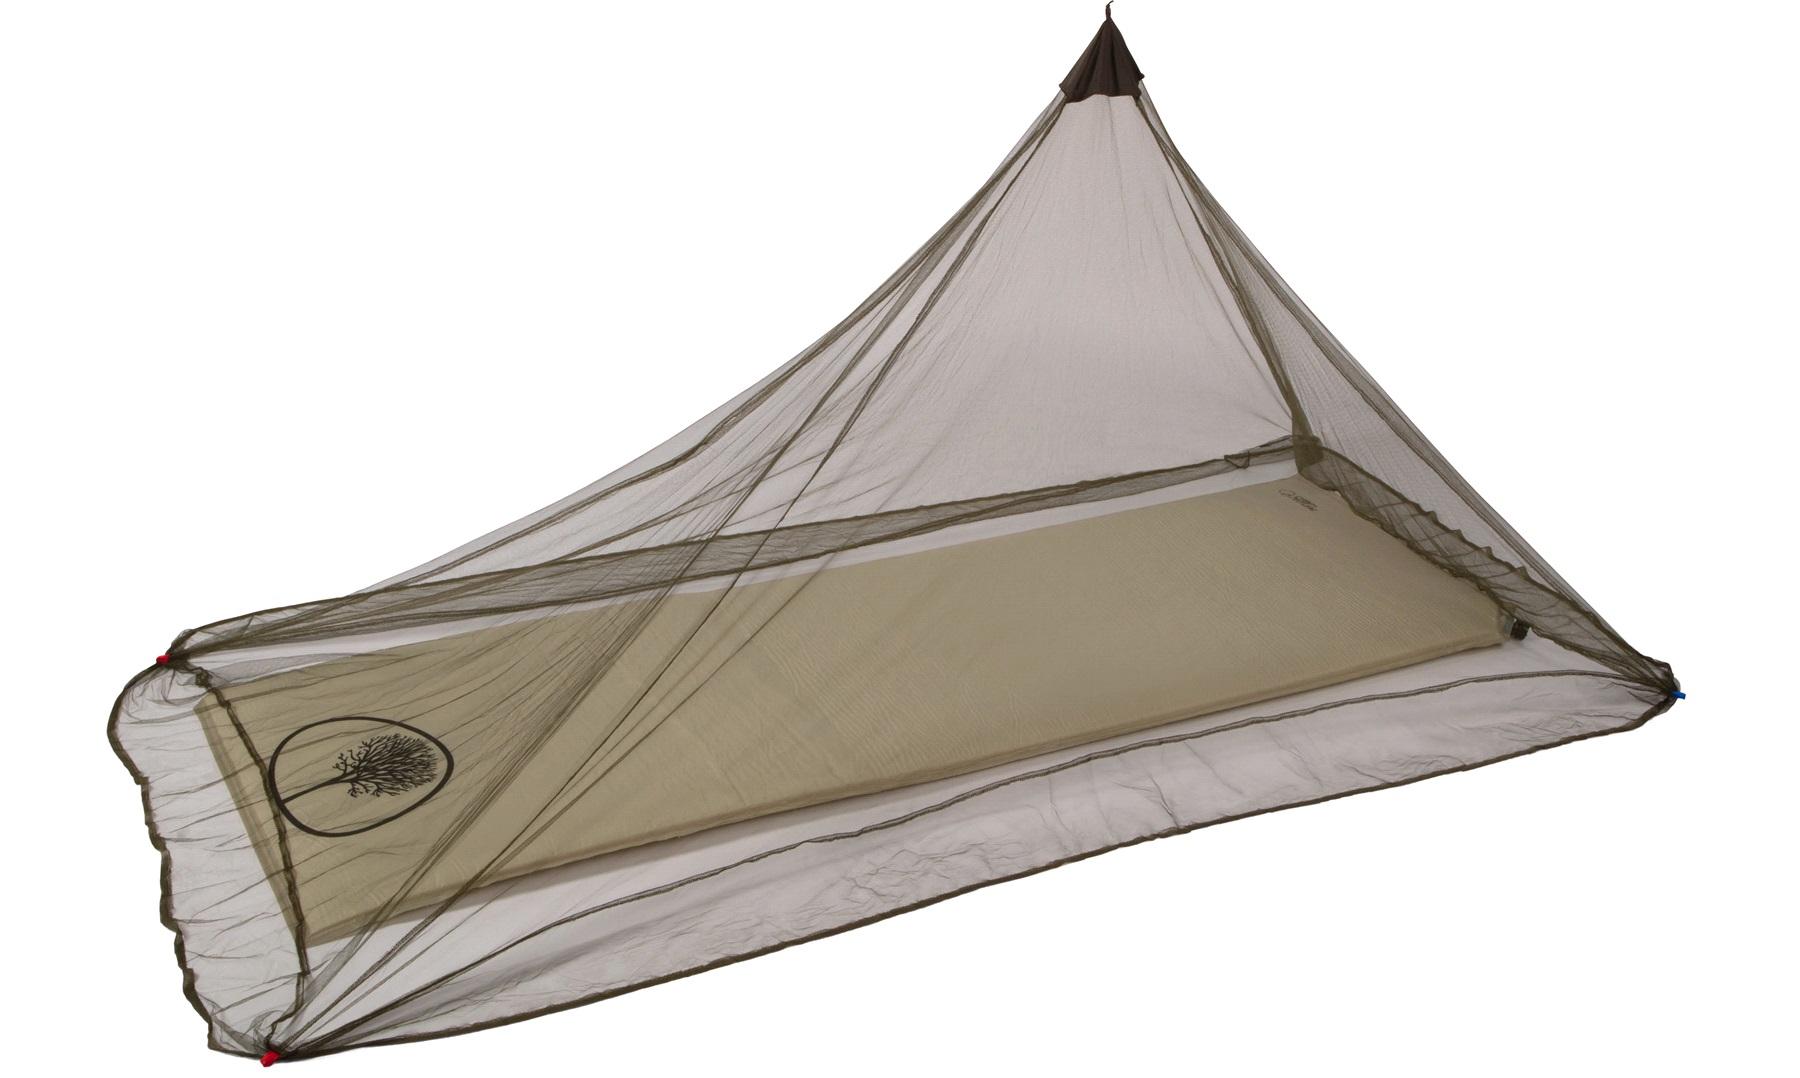 Myggenet, Seng, 220x120x100cm Tilbehør til telte hoyer